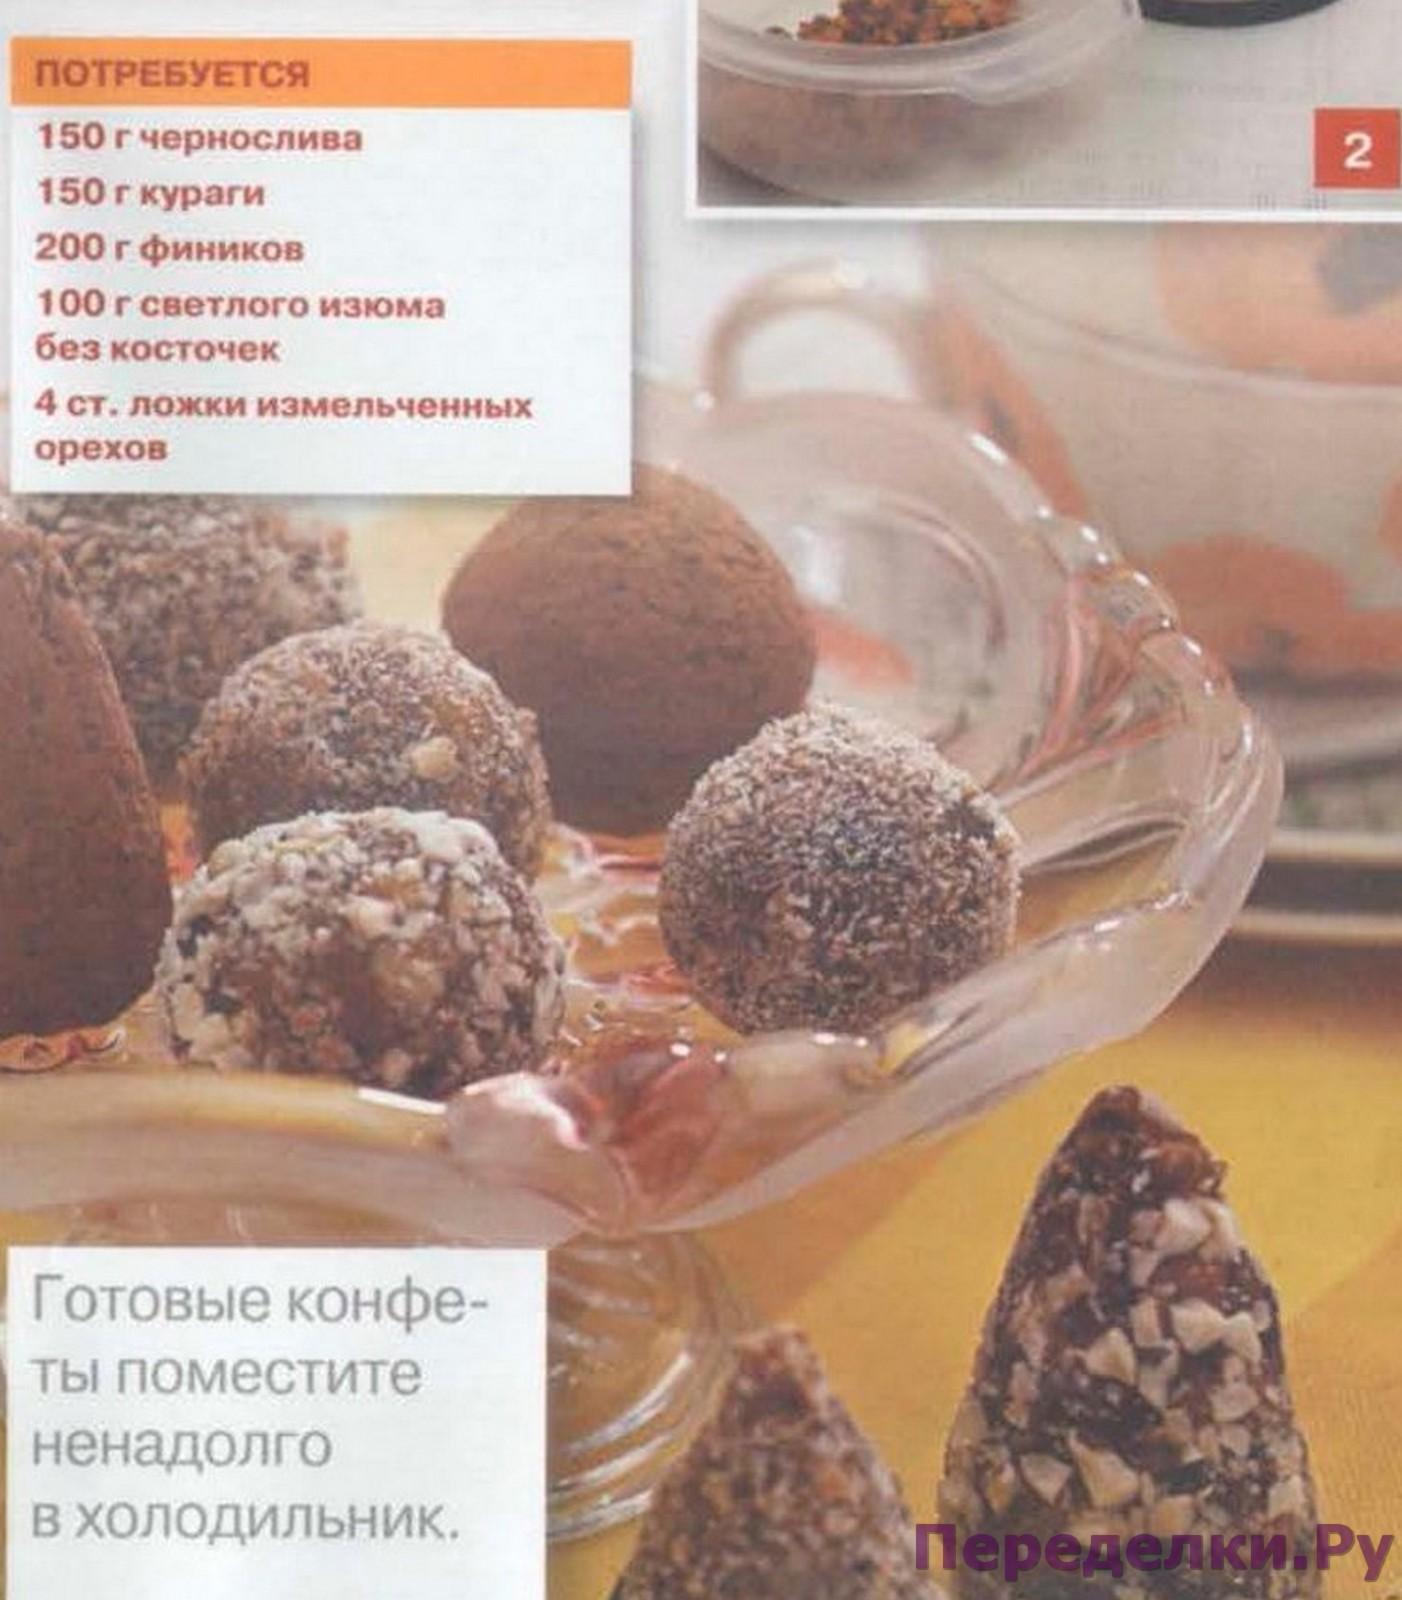 Конфеты своими руками рецепты с фото в домашних условиях 243